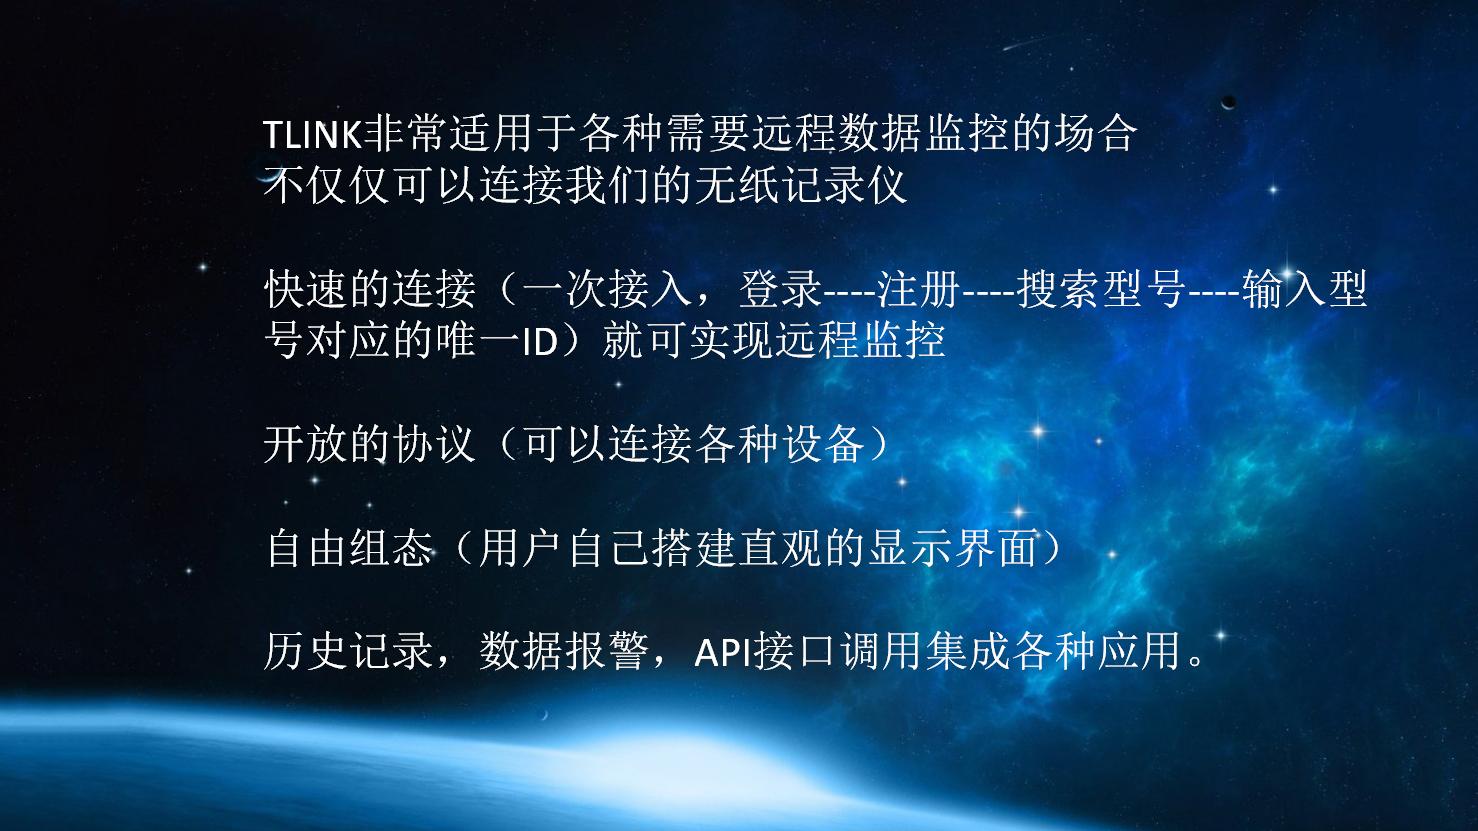 物联网平台介绍